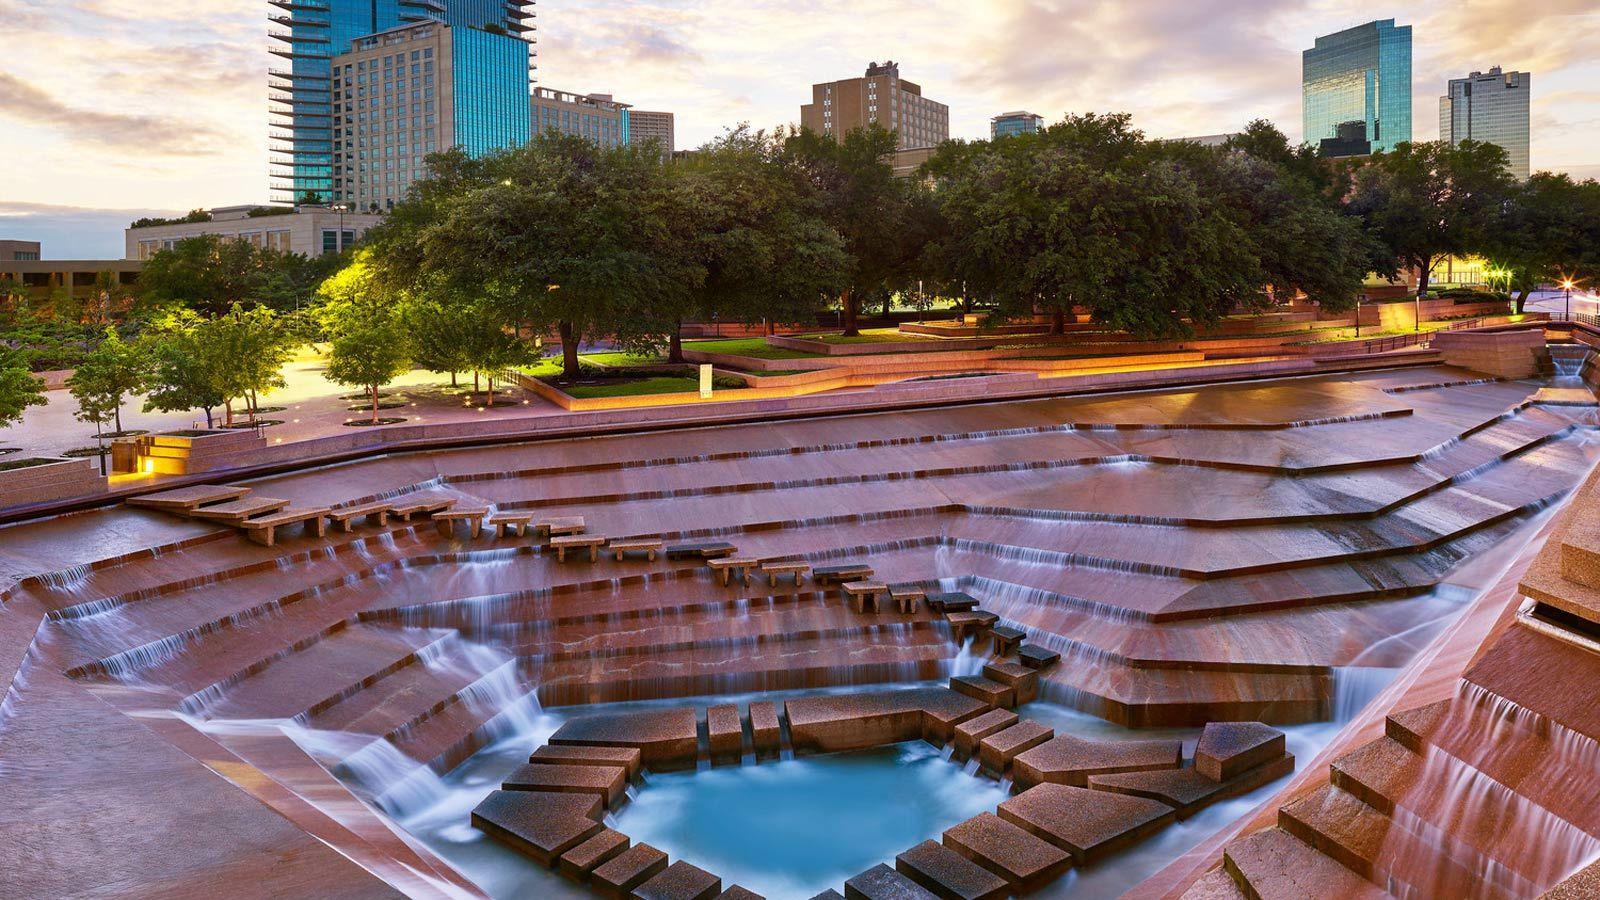 fe279cc230c1f04efd7a1b56499ba4f3 - Water Gardens Place Fort Worth Tx